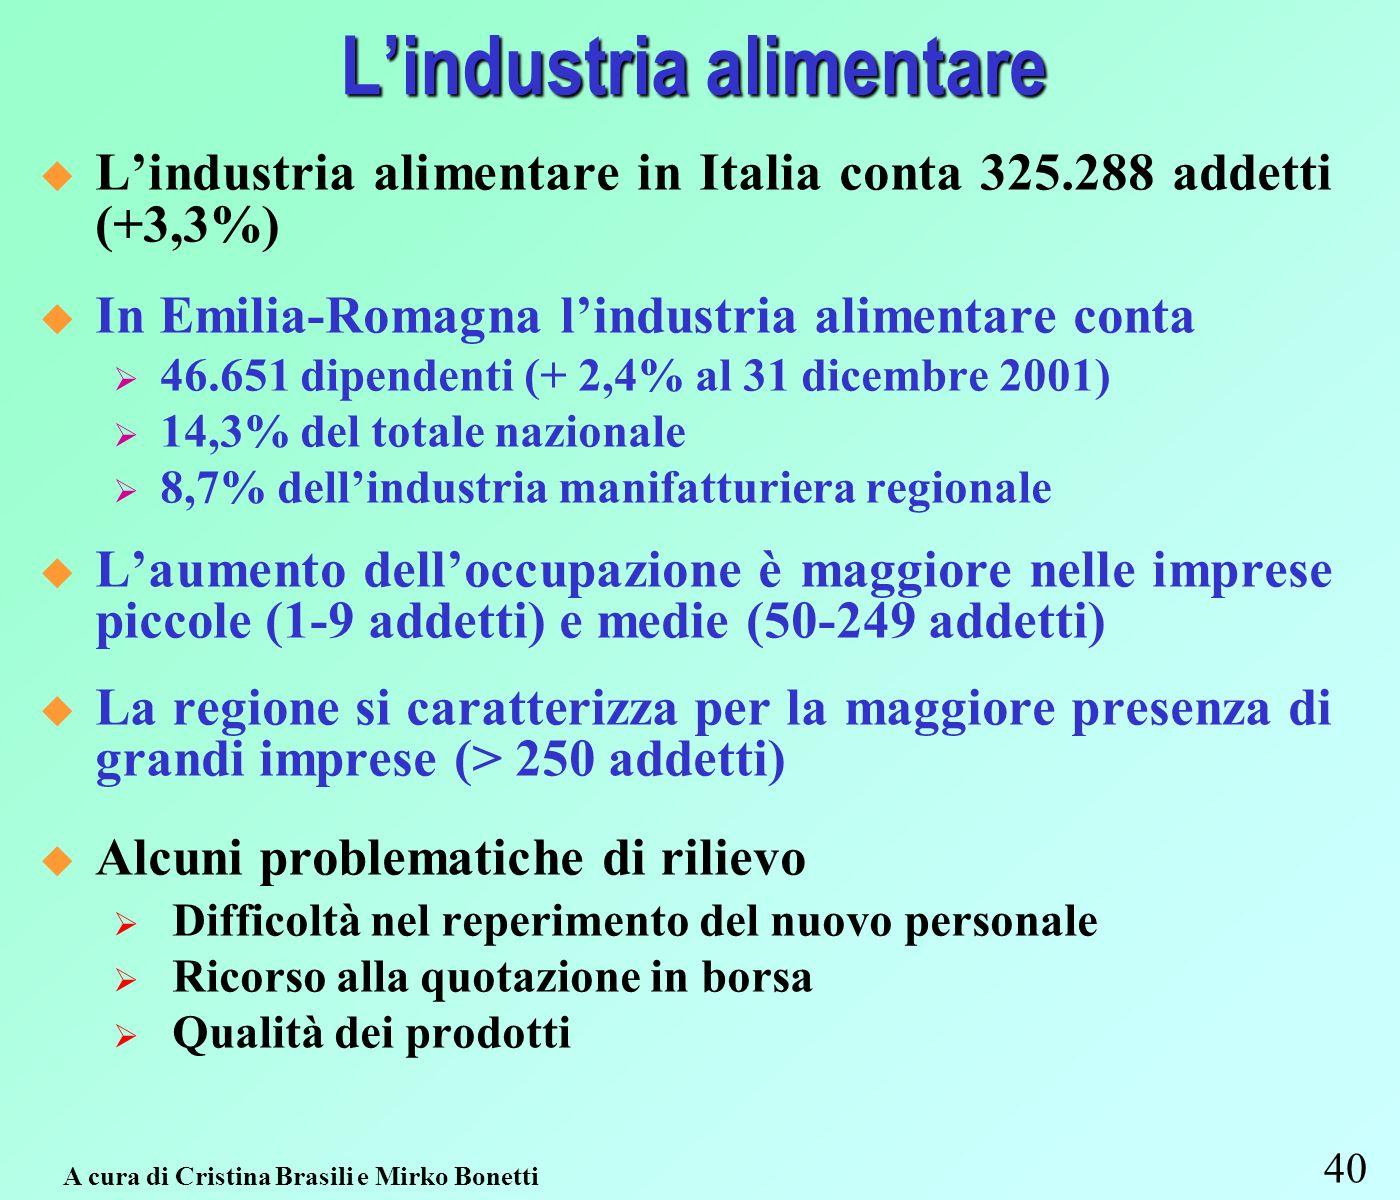 40 Lindustria alimentare in Italia conta 325.288 addetti (+3,3%) In Emilia-Romagna lindustria alimentare conta 46.651 dipendenti (+ 2,4% al 31 dicembre 2001) 14,3% del totale nazionale 8,7% dellindustria manifatturiera regionale Laumento delloccupazione è maggiore nelle imprese piccole (1-9 addetti) e medie (50-249 addetti) La regione si caratterizza per la maggiore presenza di grandi imprese (> 250 addetti) Alcuni problematiche di rilievo Difficoltà nel reperimento del nuovo personale Ricorso alla quotazione in borsa Qualità dei prodotti Lindustria alimentare A cura di Cristina Brasili e Mirko Bonetti